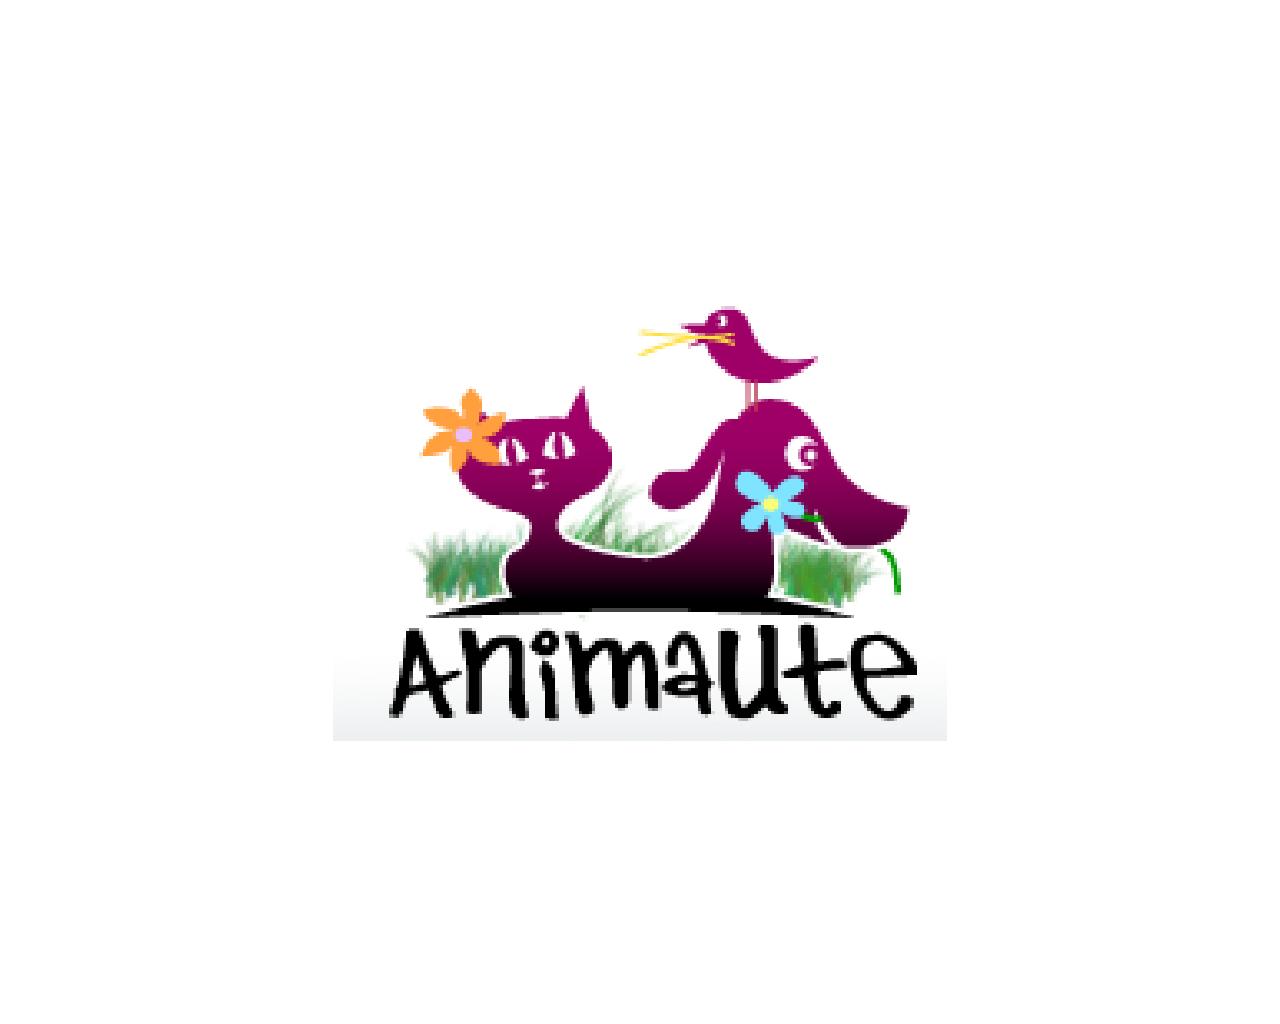 Animaute